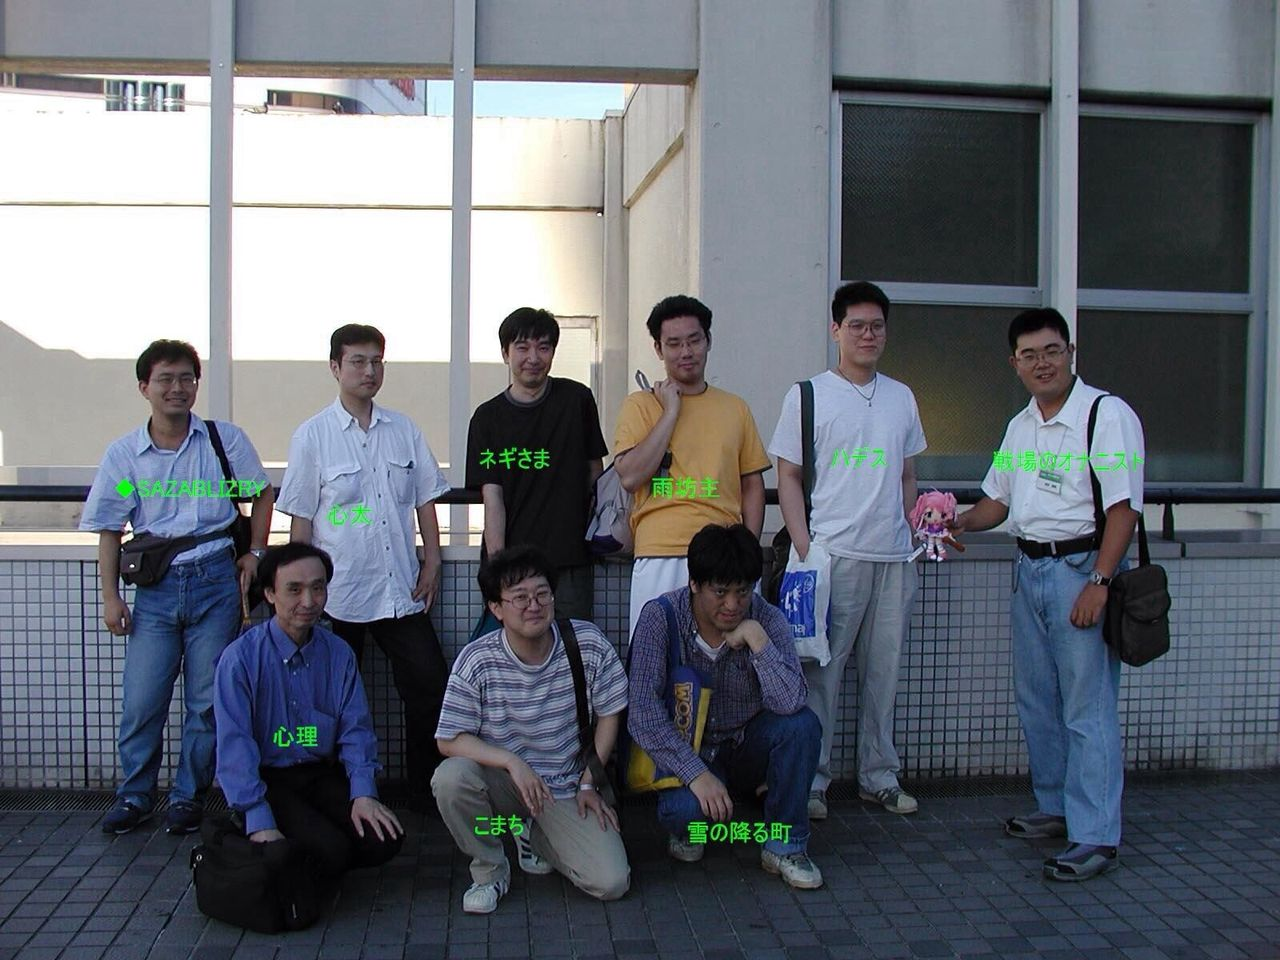 https://livedoor.blogimg.jp/m1channel-aicollabo/imgs/7/9/790b610c.jpg